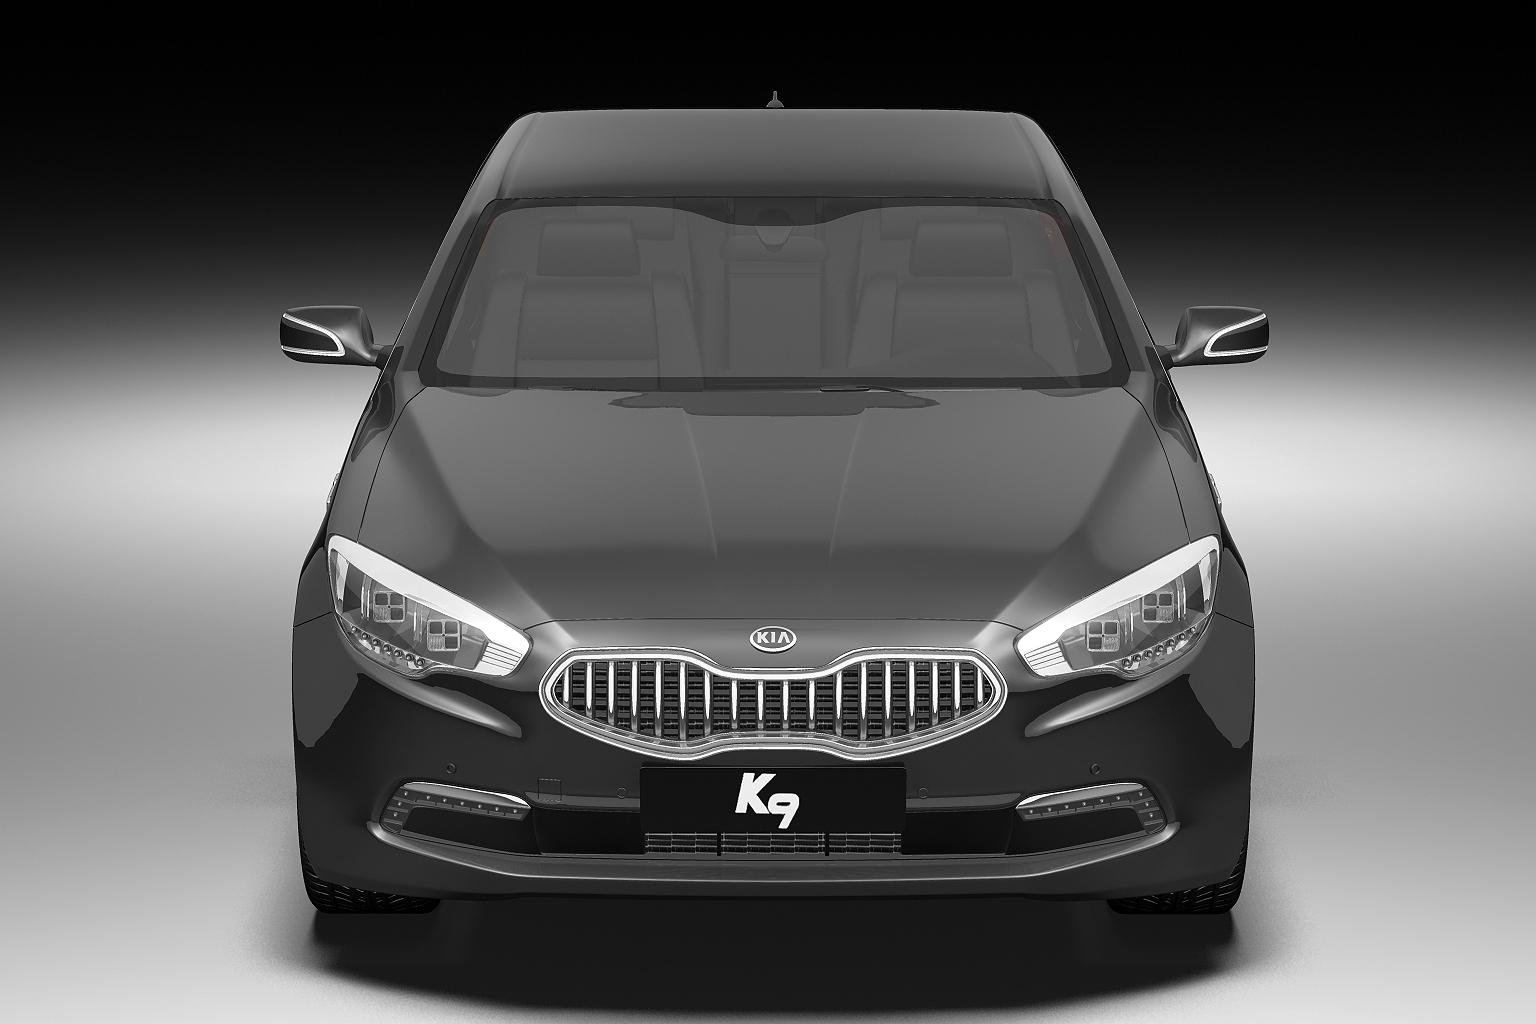 2012 kia k9 3d model 3ds max fbx c4d lwo hrc xsi obj 136304